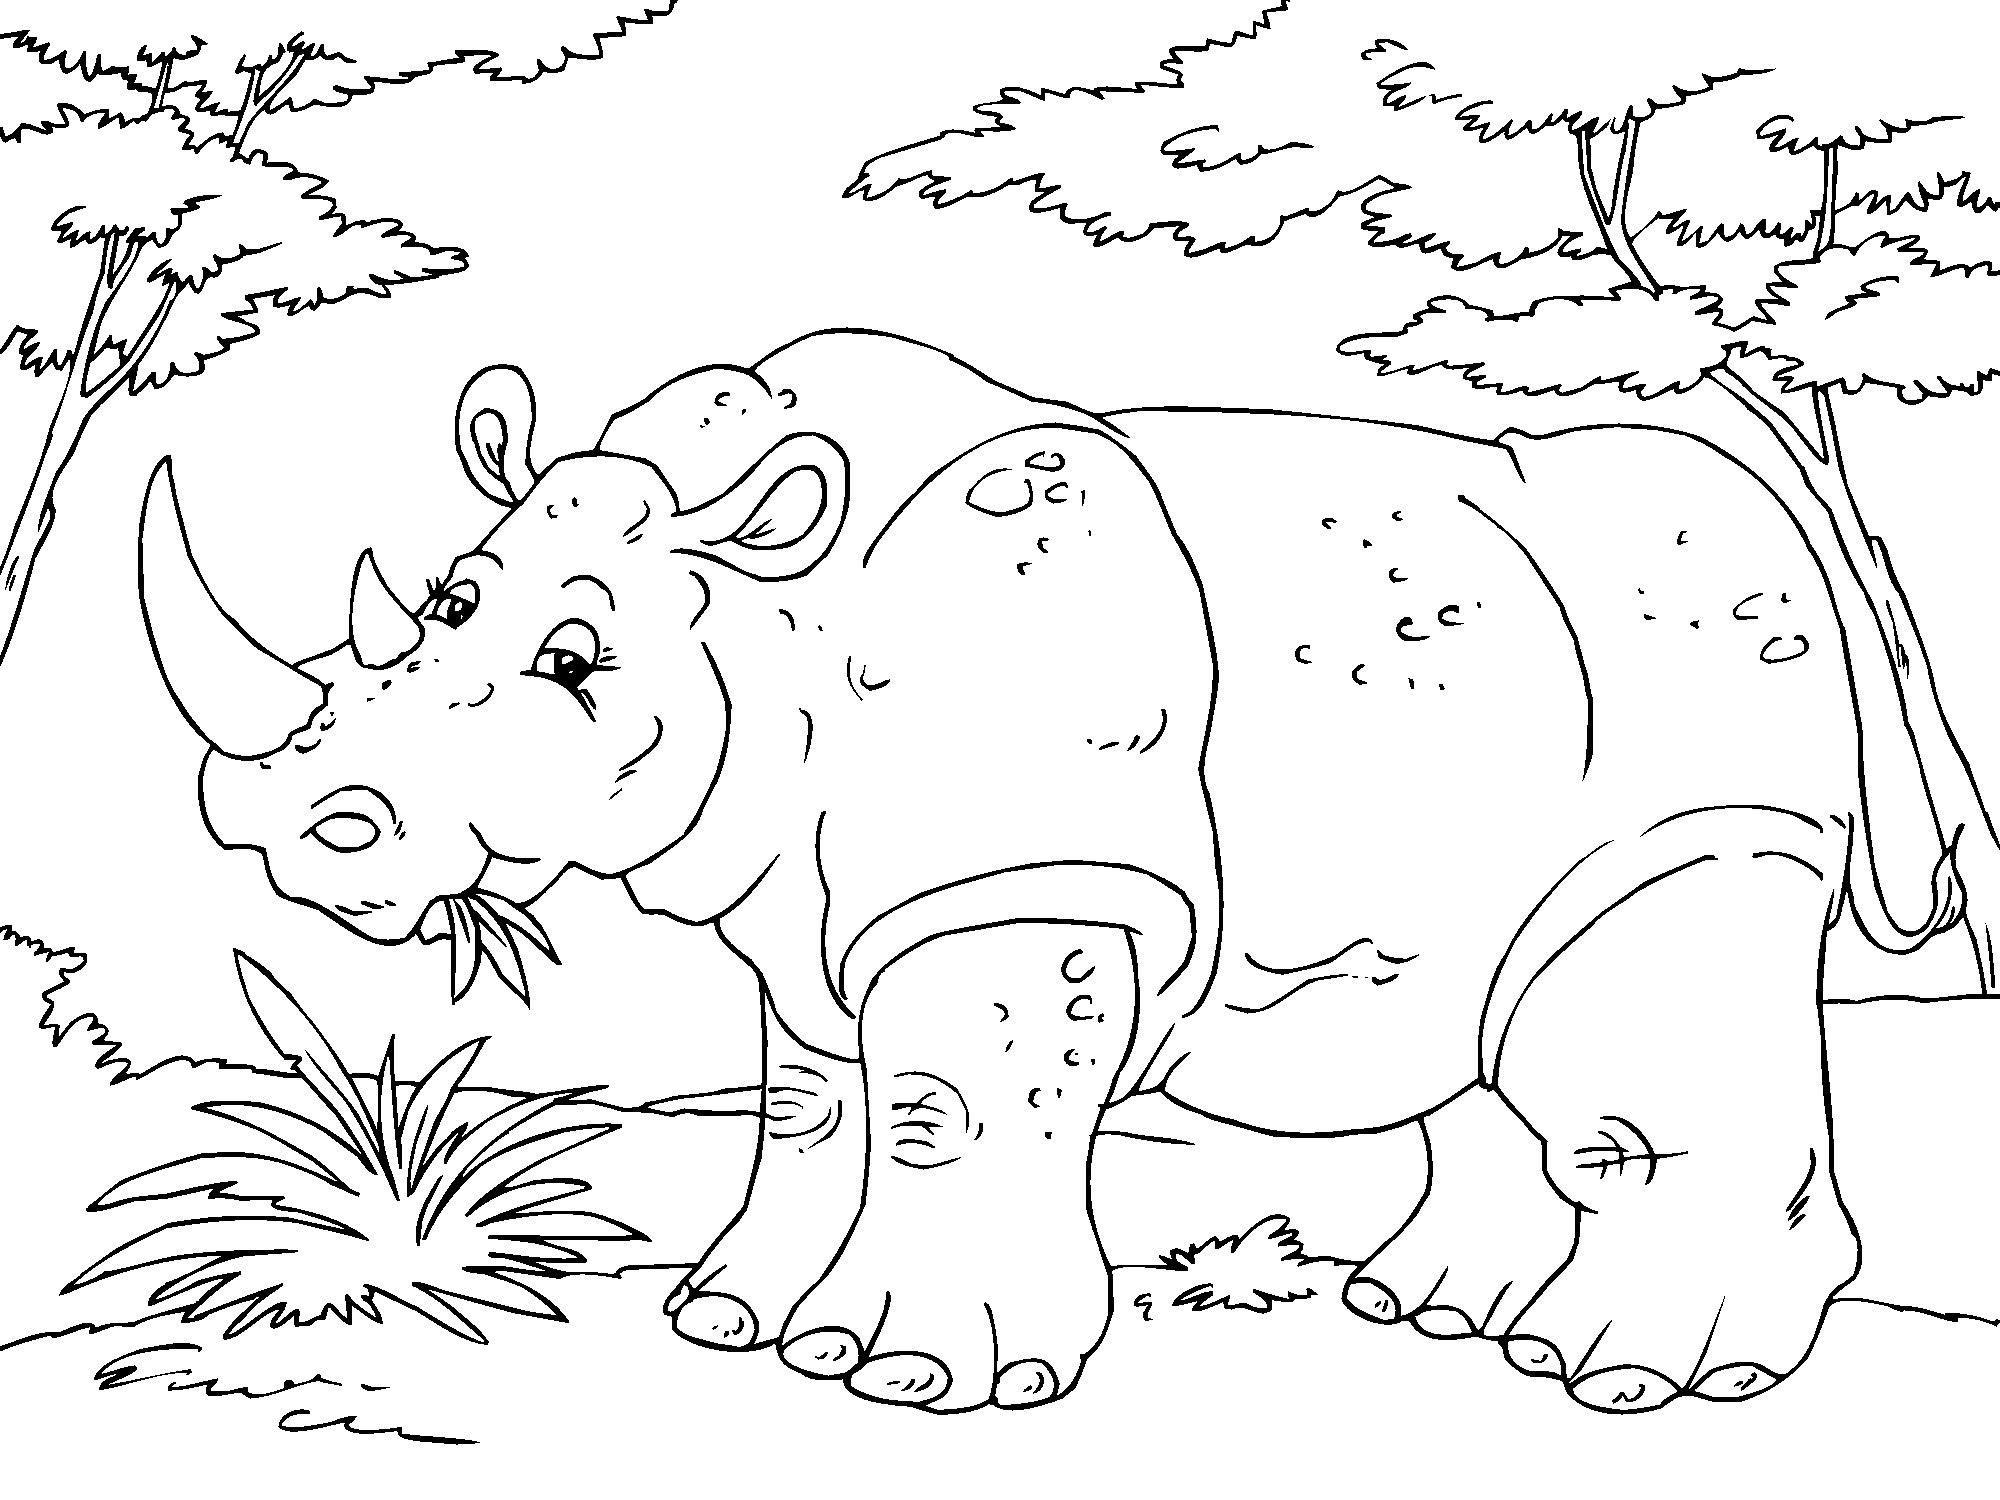 Coloriage En Ligne Rhinoceros.Coloriage Rhinoceros Img 23016 Images